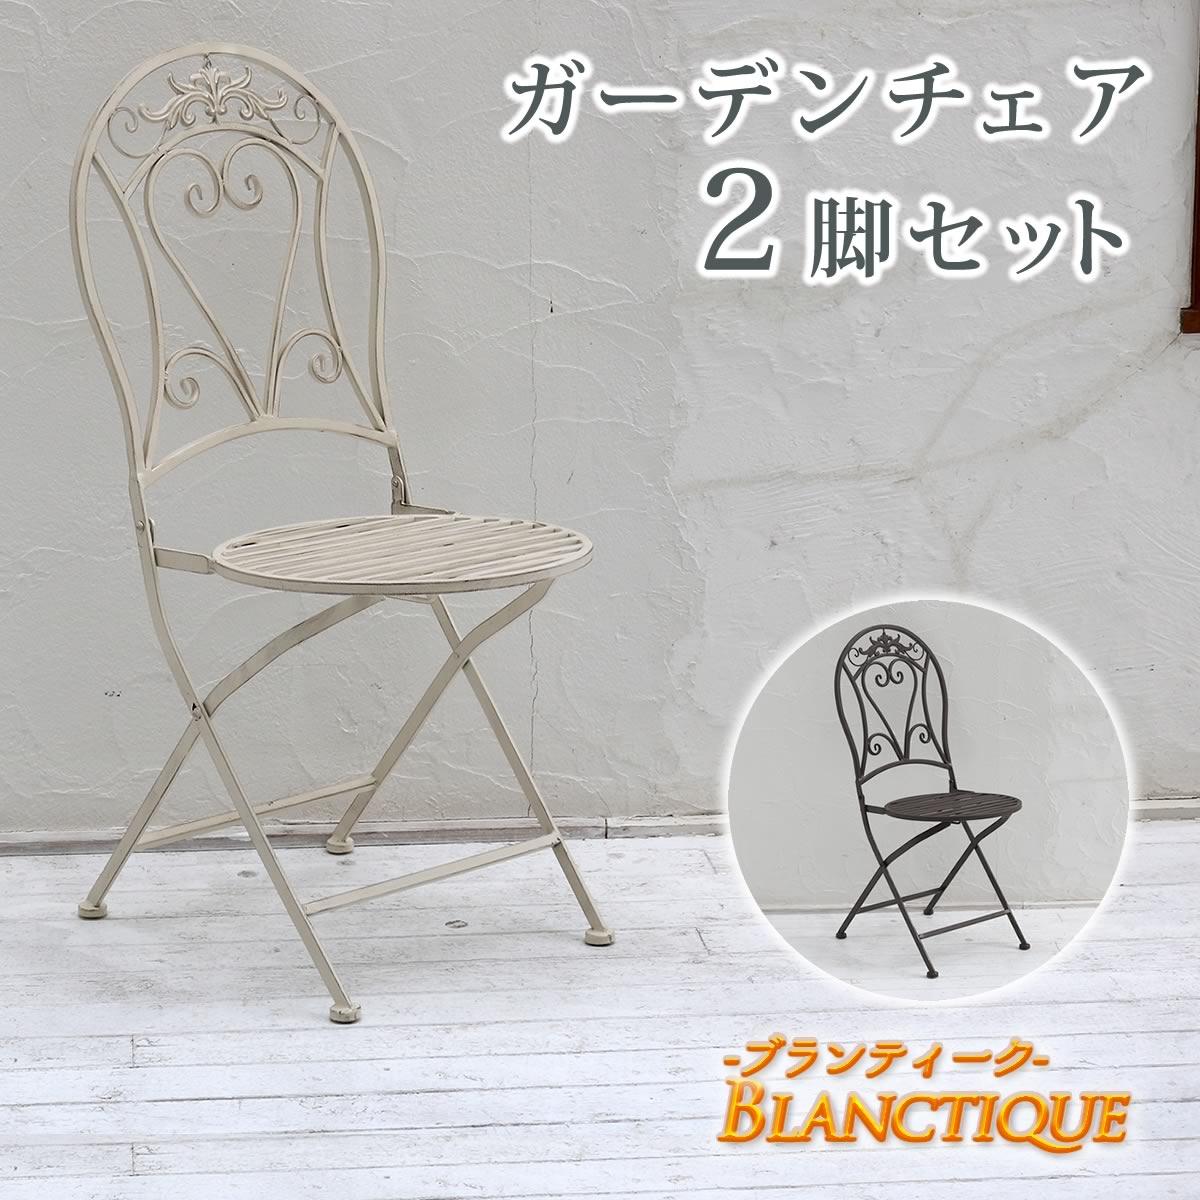 ブランティーク ホワイトアイアンチェア 2脚セット【住まいスタイル】